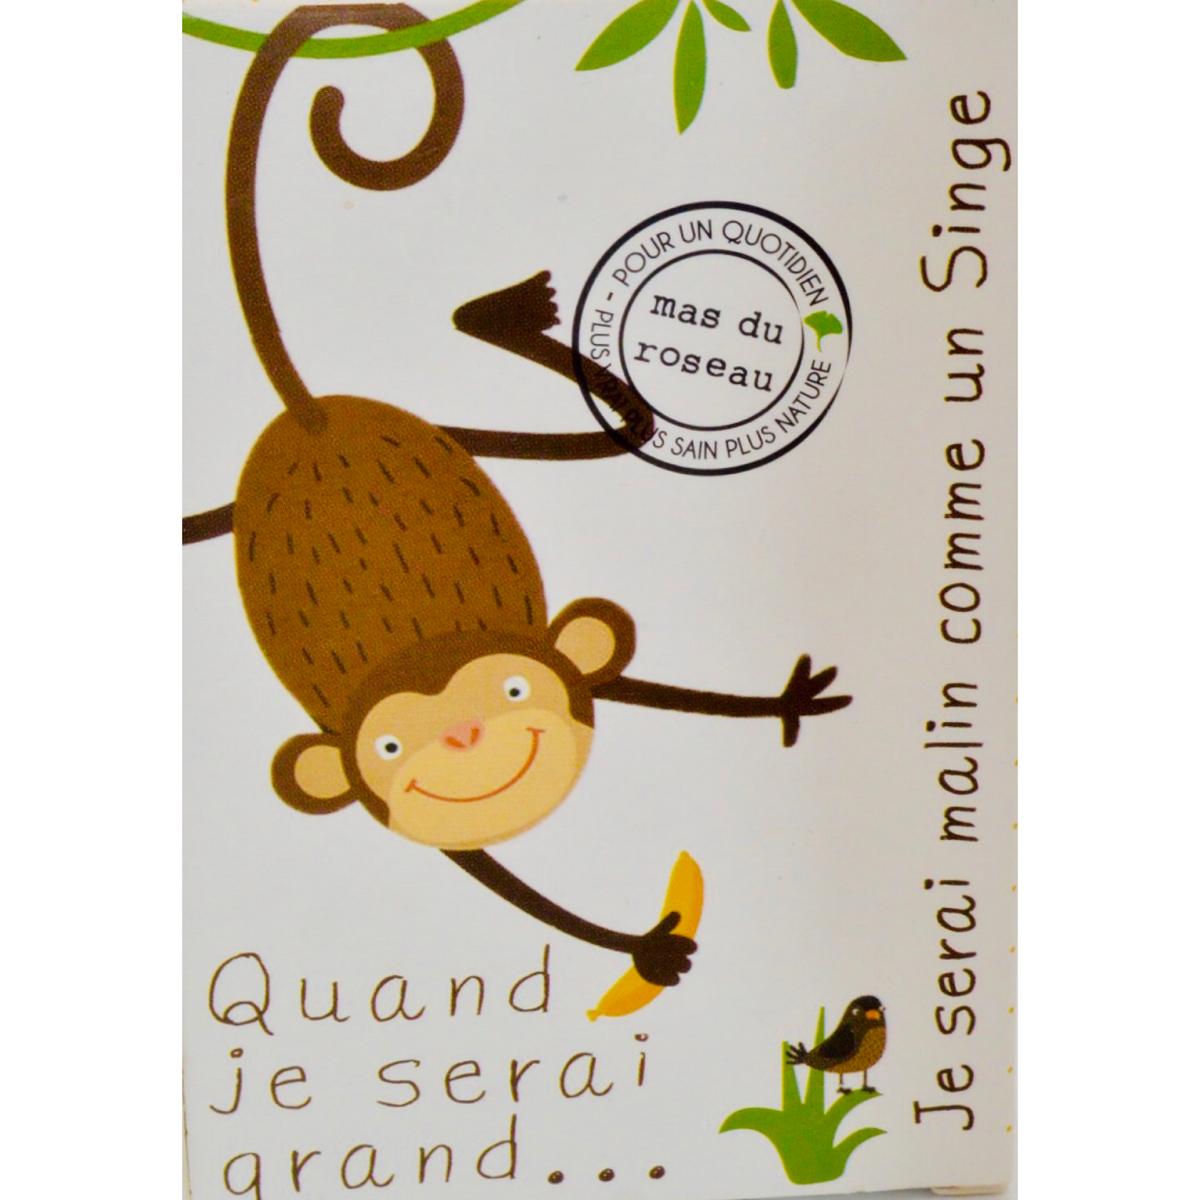 Savonnette naturelle pour enfant : malin comme un singe